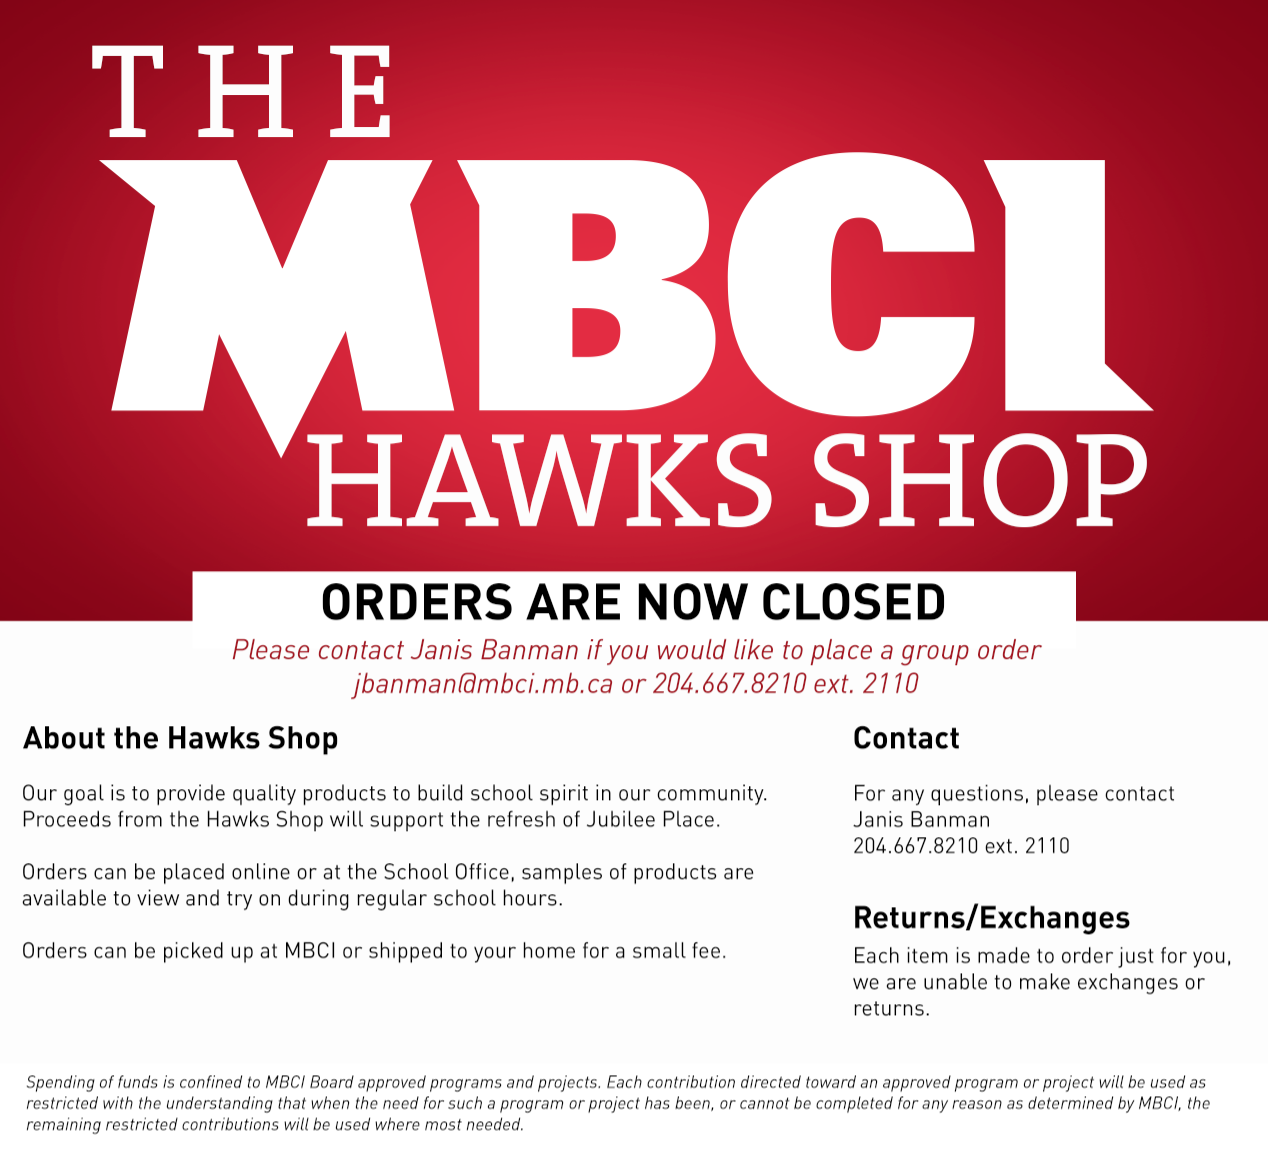 Hawks Shop